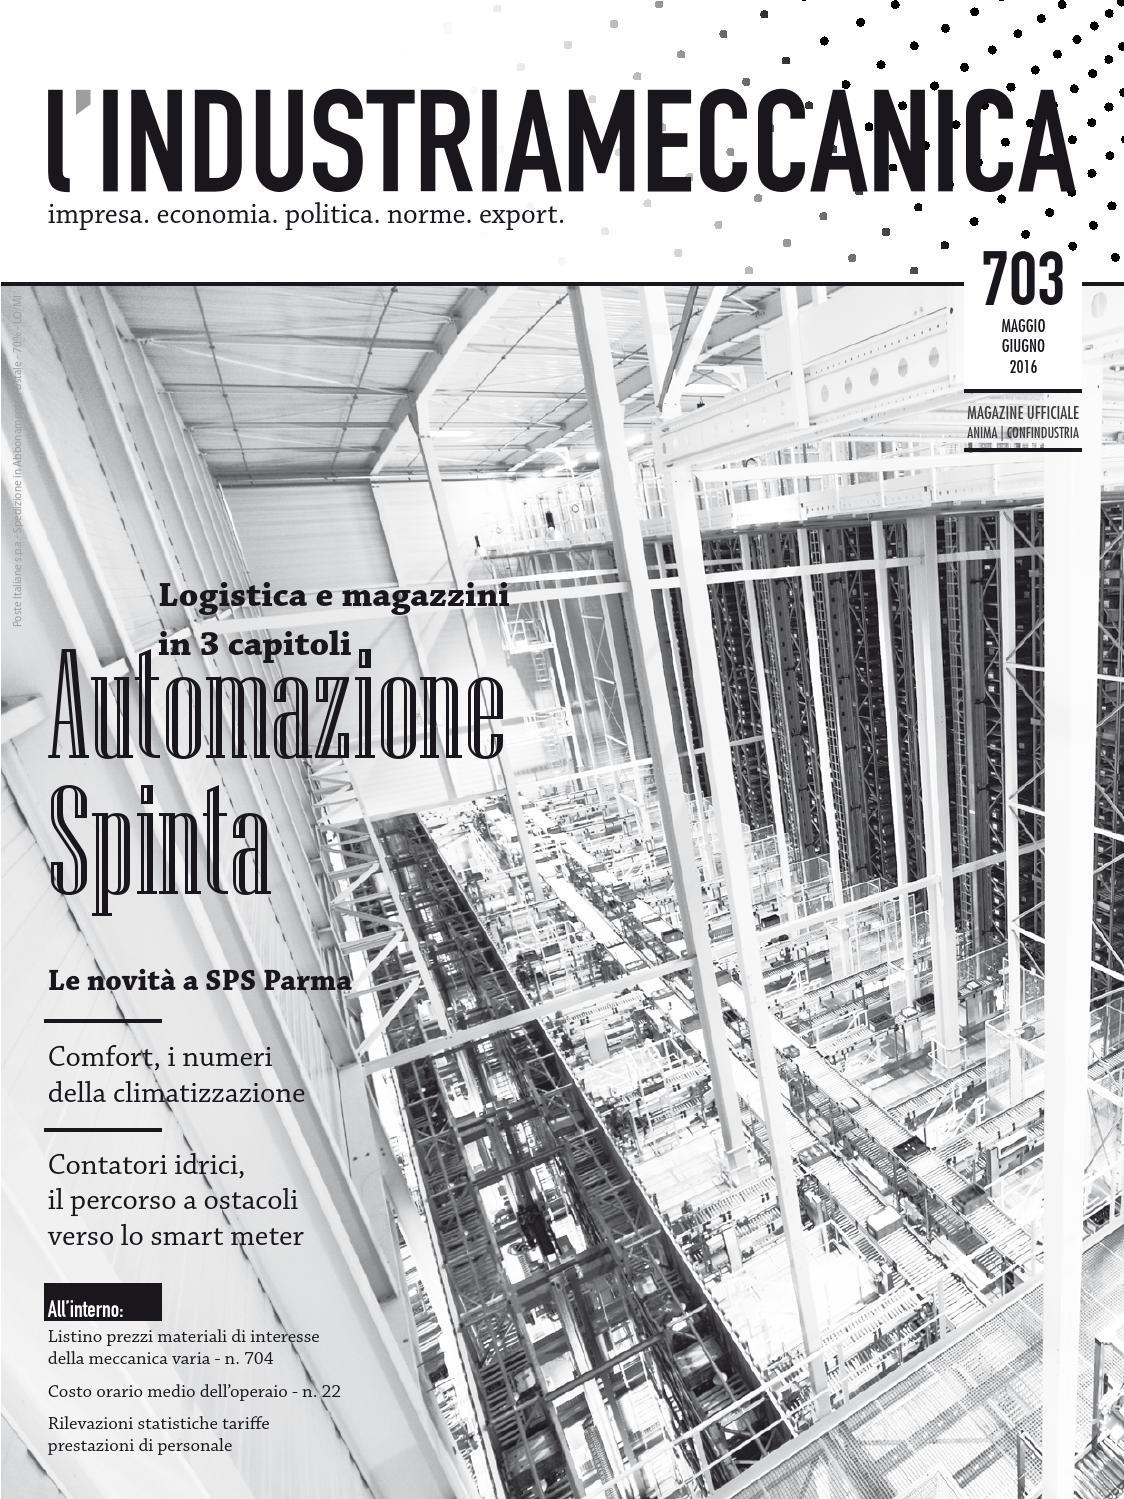 Aerotermi Ad Acqua.L Industria Meccanica 703 Maggio Giugno 2016 By